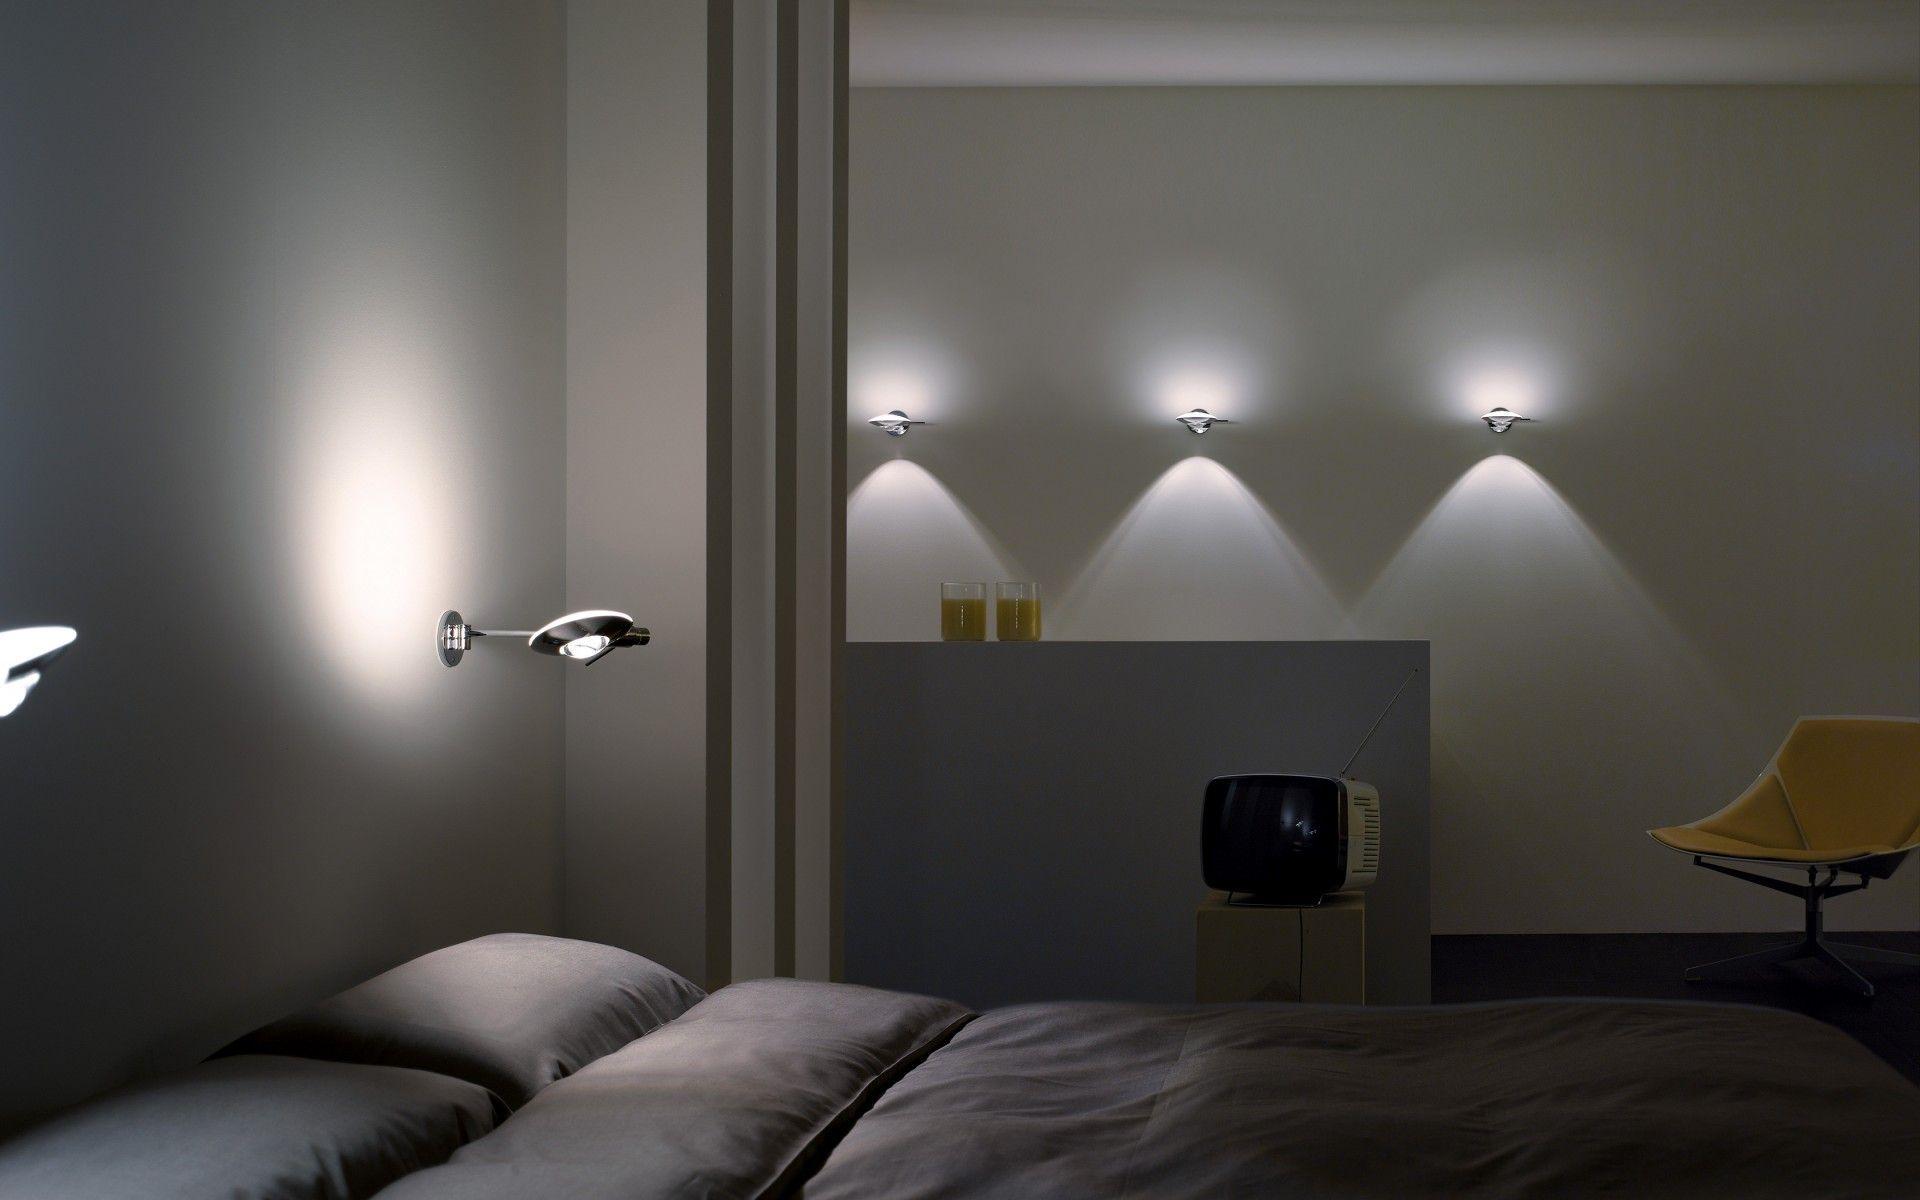 Galerie Puro Letto Occhio Licht Beleuchtung Leuchten